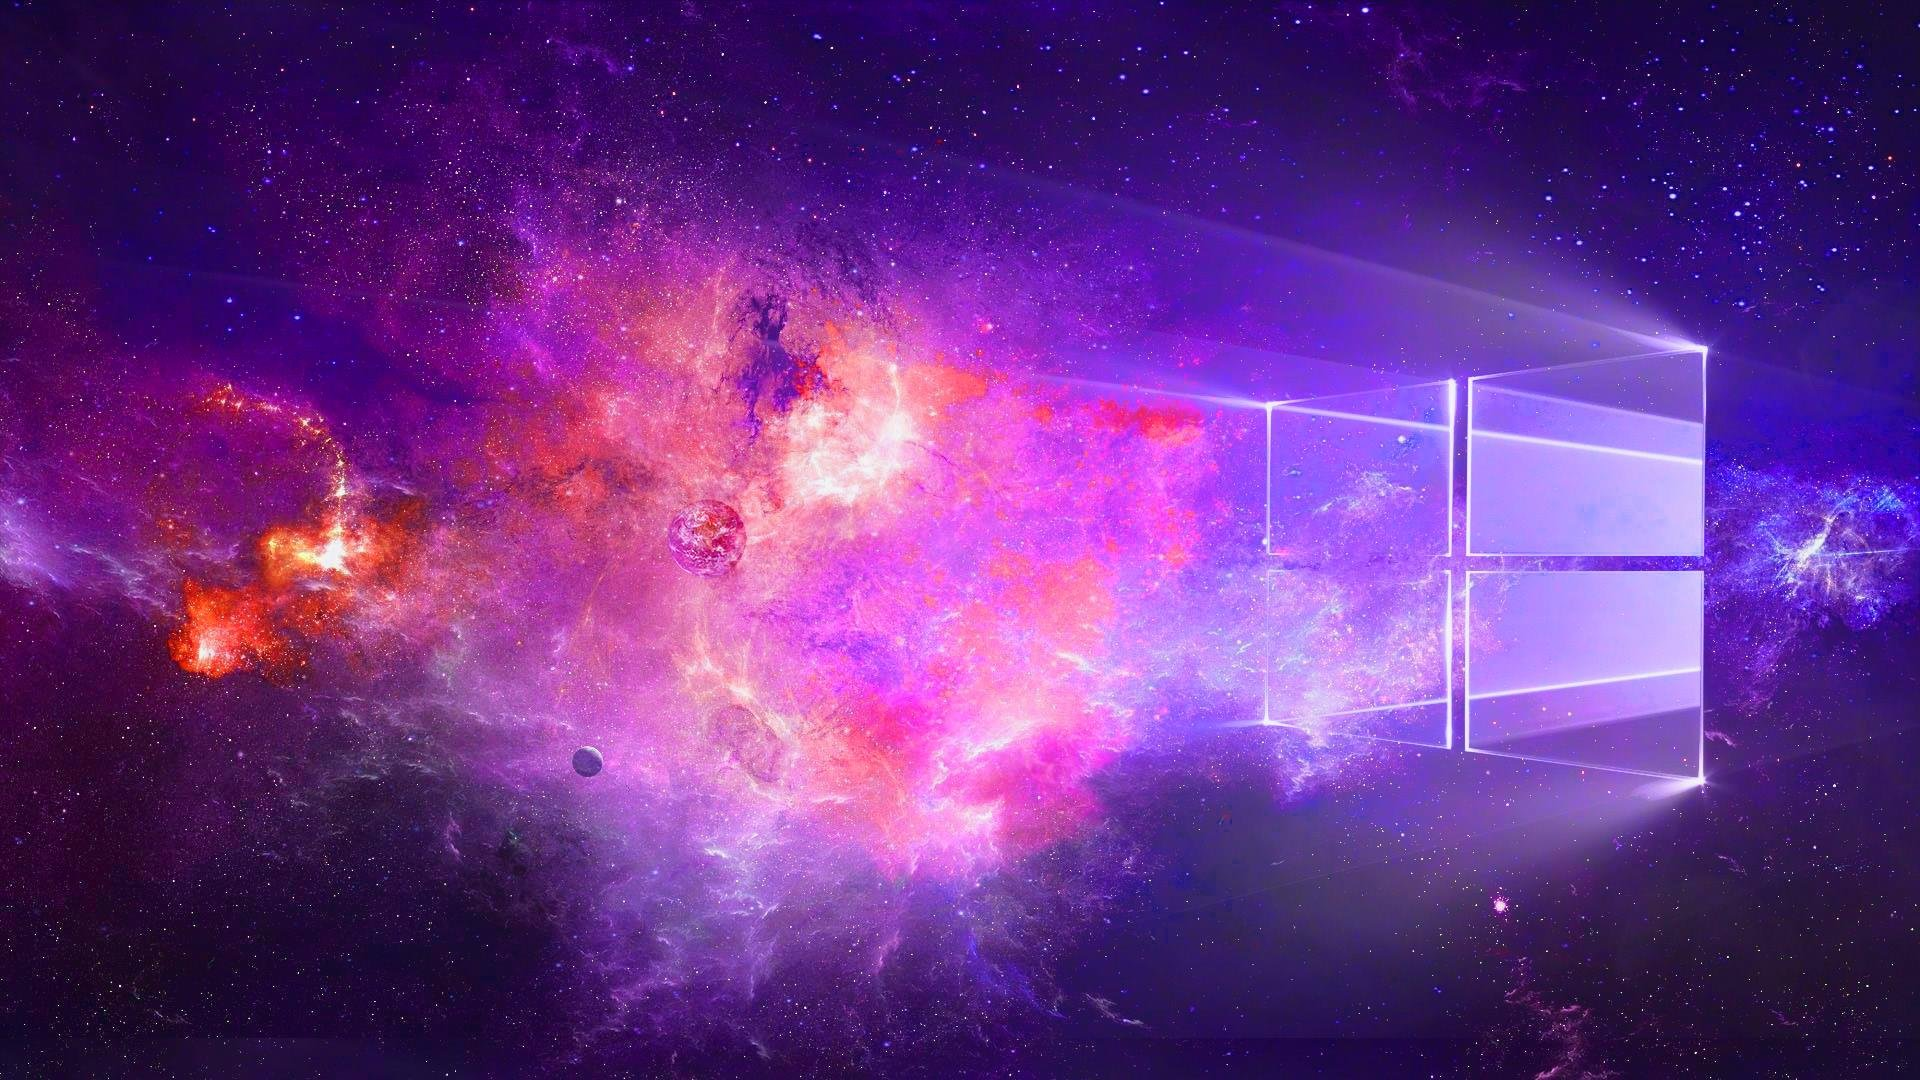 Картинка на рабочий стол космос во весь экран хорошее качество